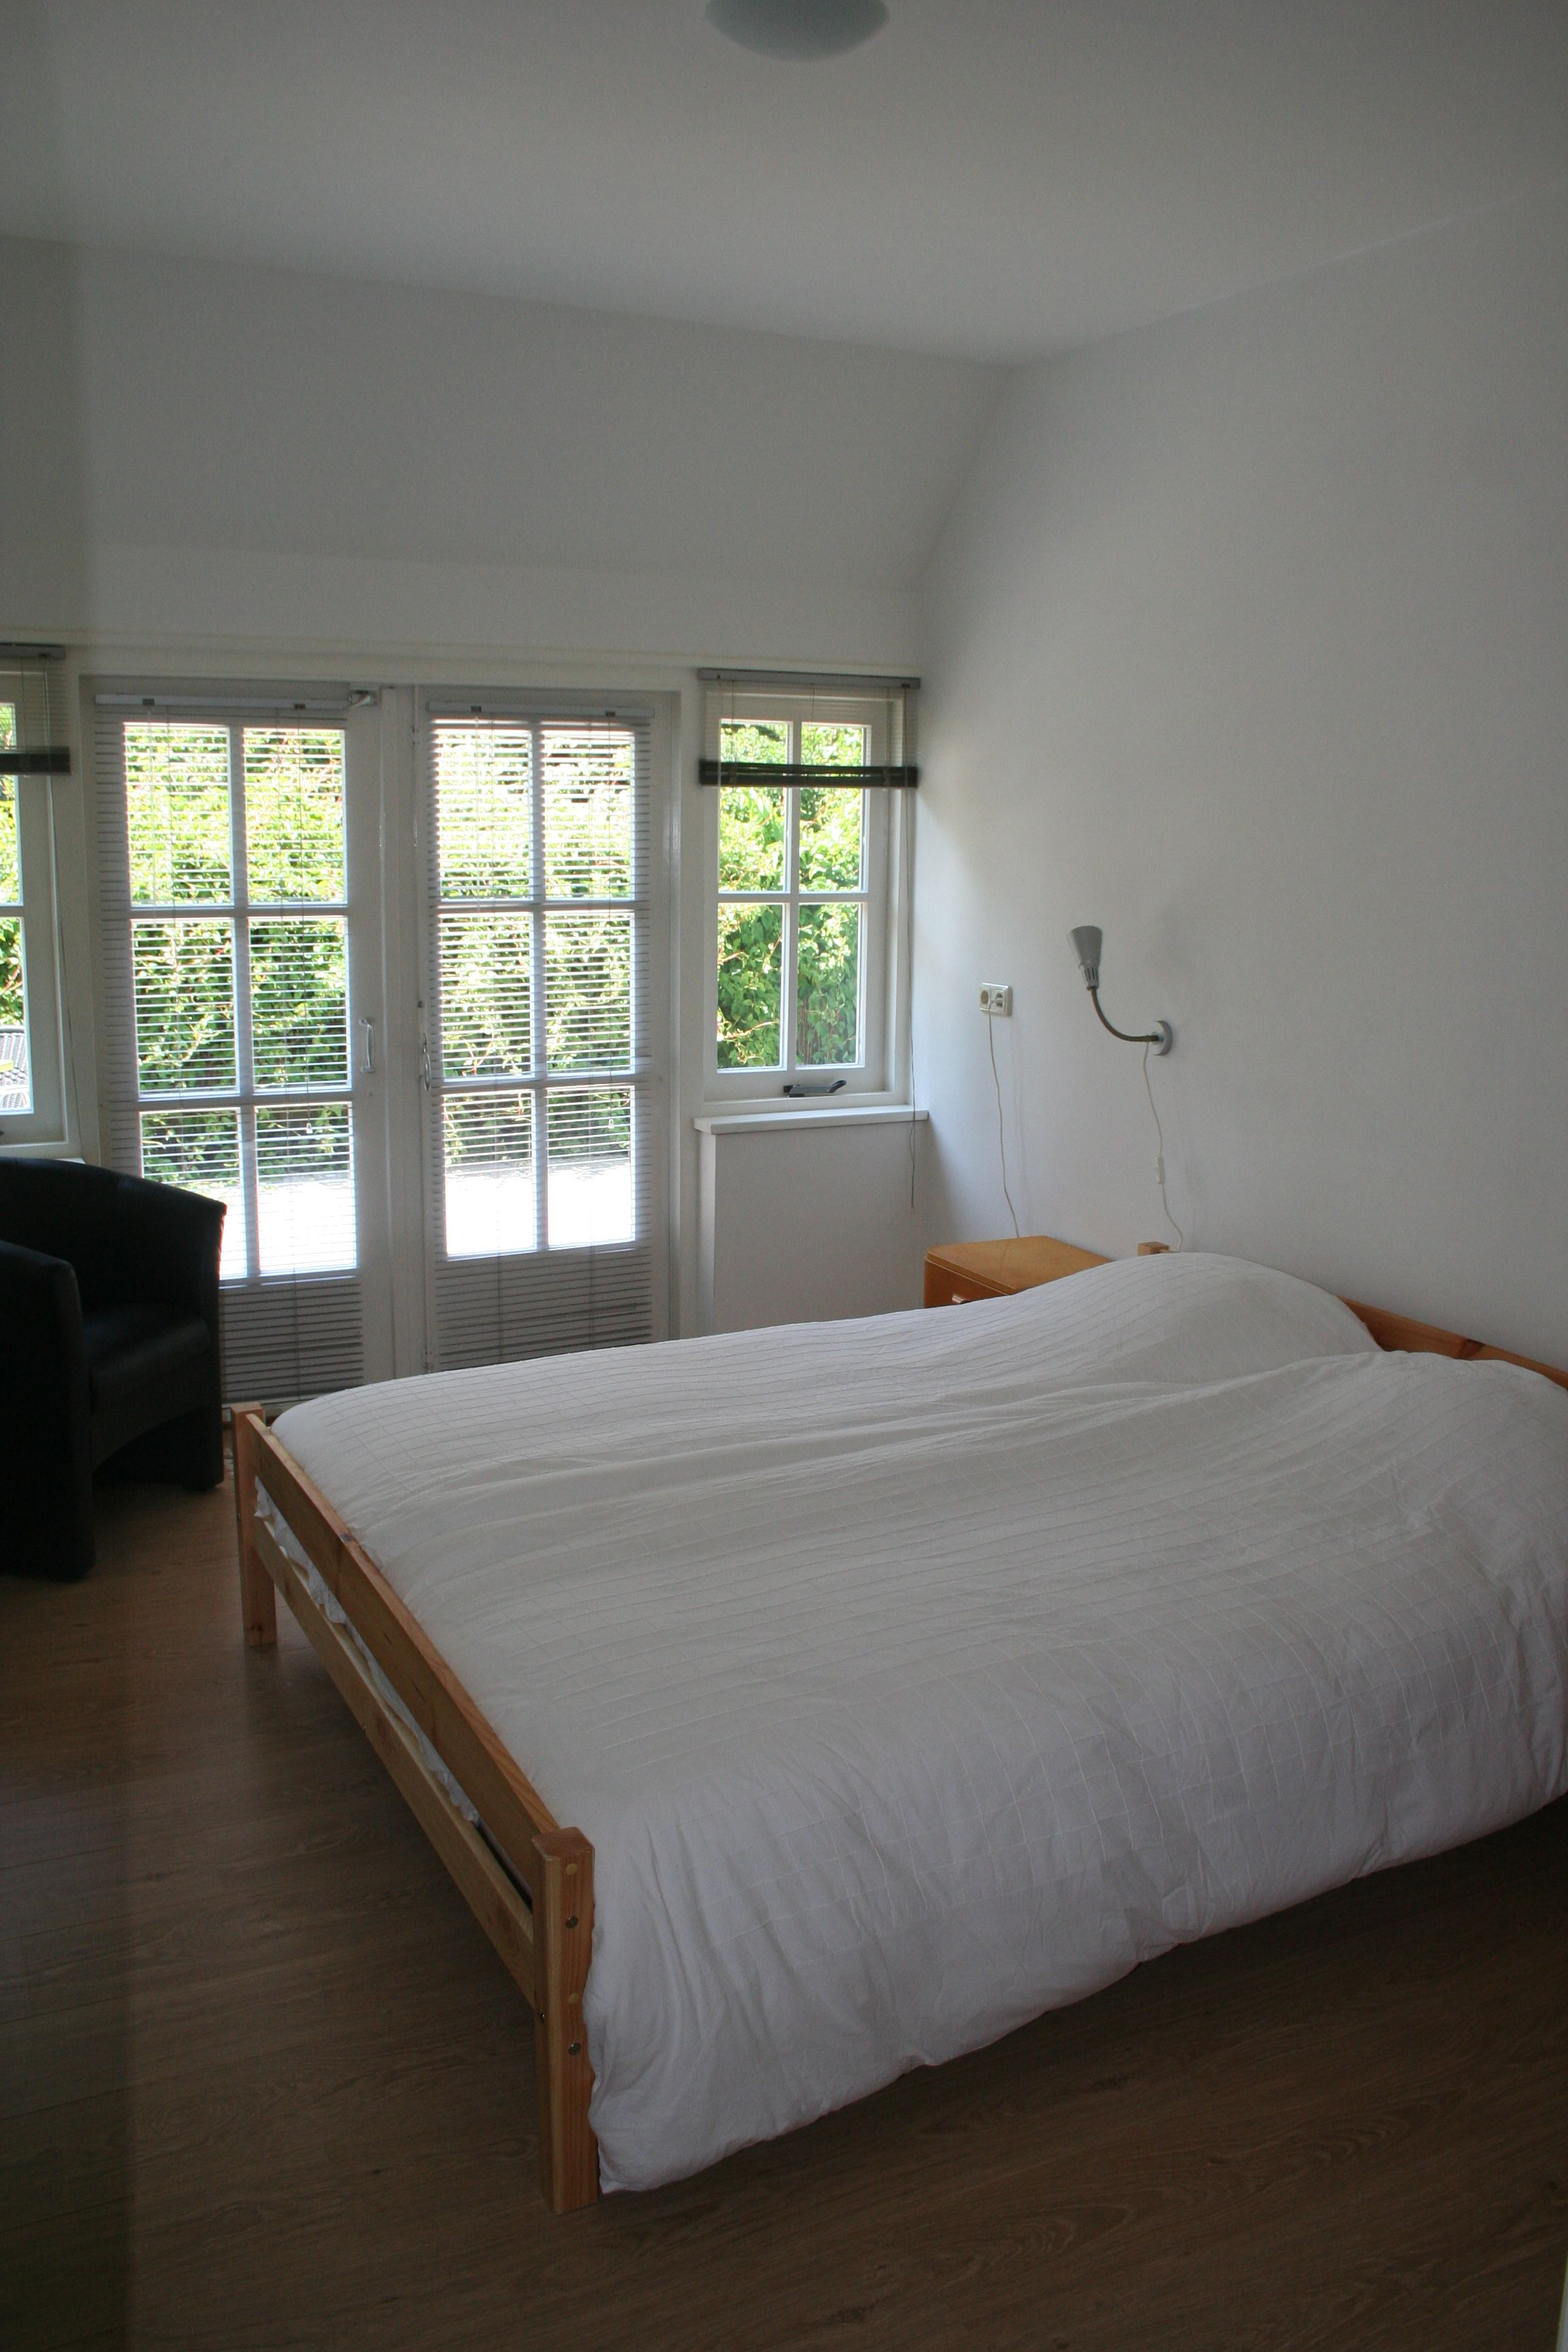 Deuren Voor Slaapkamer.Slaapkamer Met Openslaande Deuren Naar De Tuin Huisje Achterhus